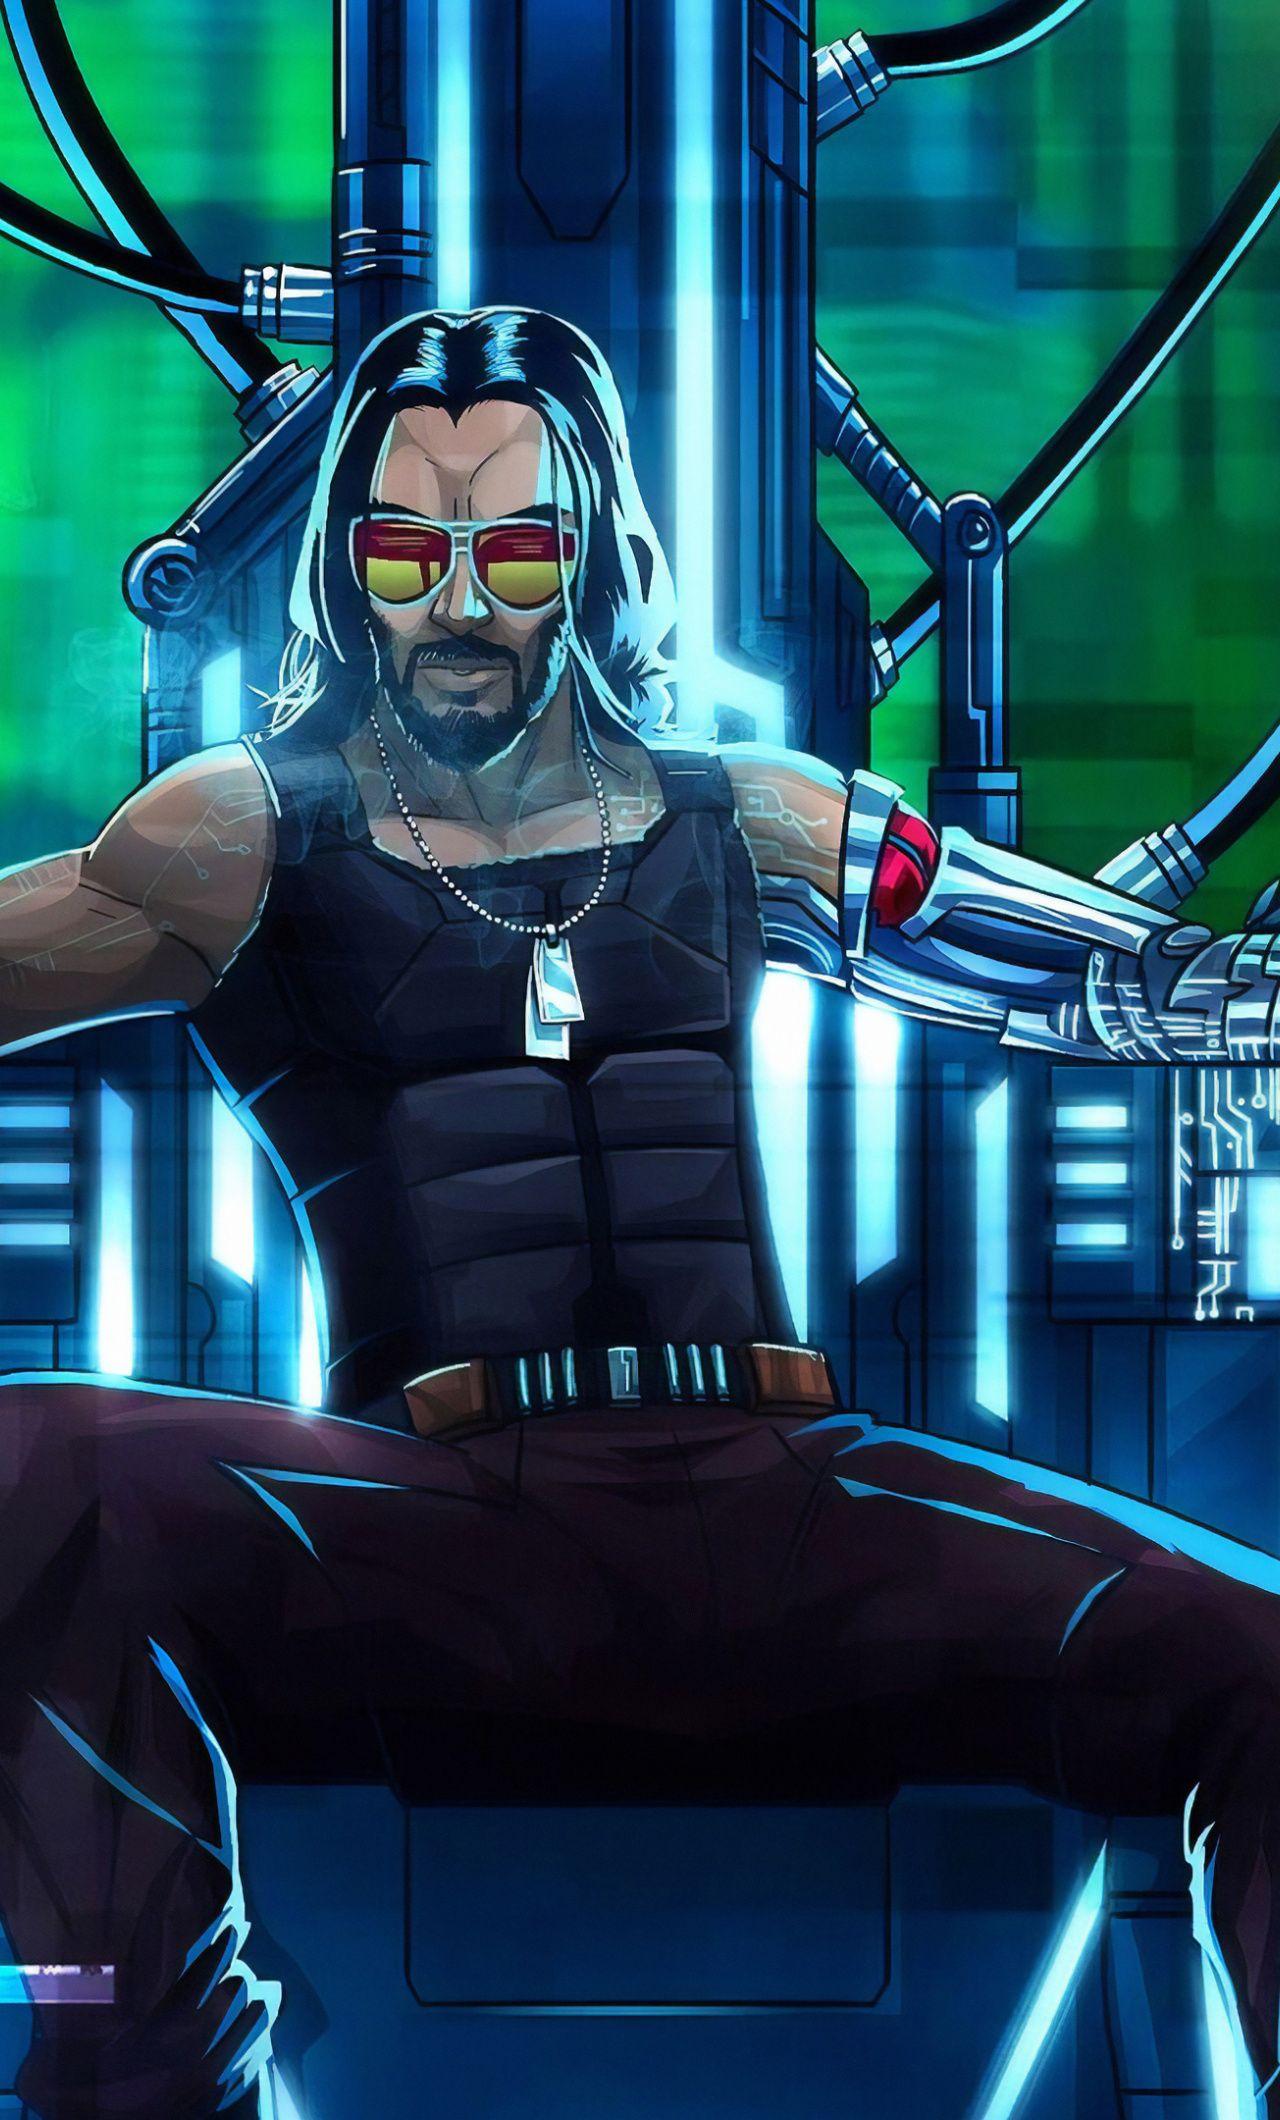 1280x2120 Cyberpunk 2077, Keanu Reeves, video game, 2019